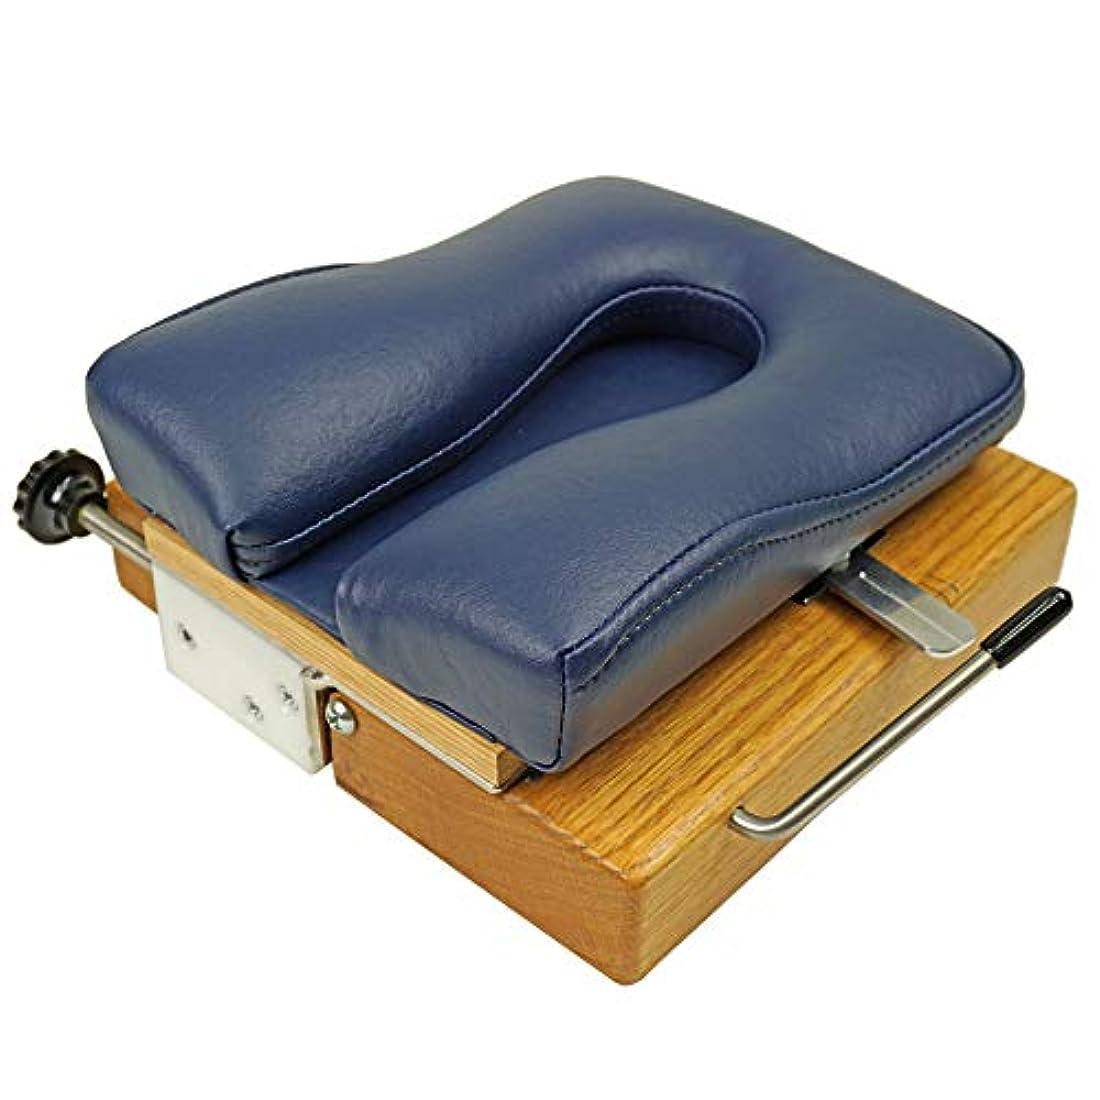 反対インゲン背の高いLLOYD (ロイドテーブル) 可変式 ターグルリコイル ドロップ ポータブルドロップ 【 ヘッドピース 上部頚椎用 】